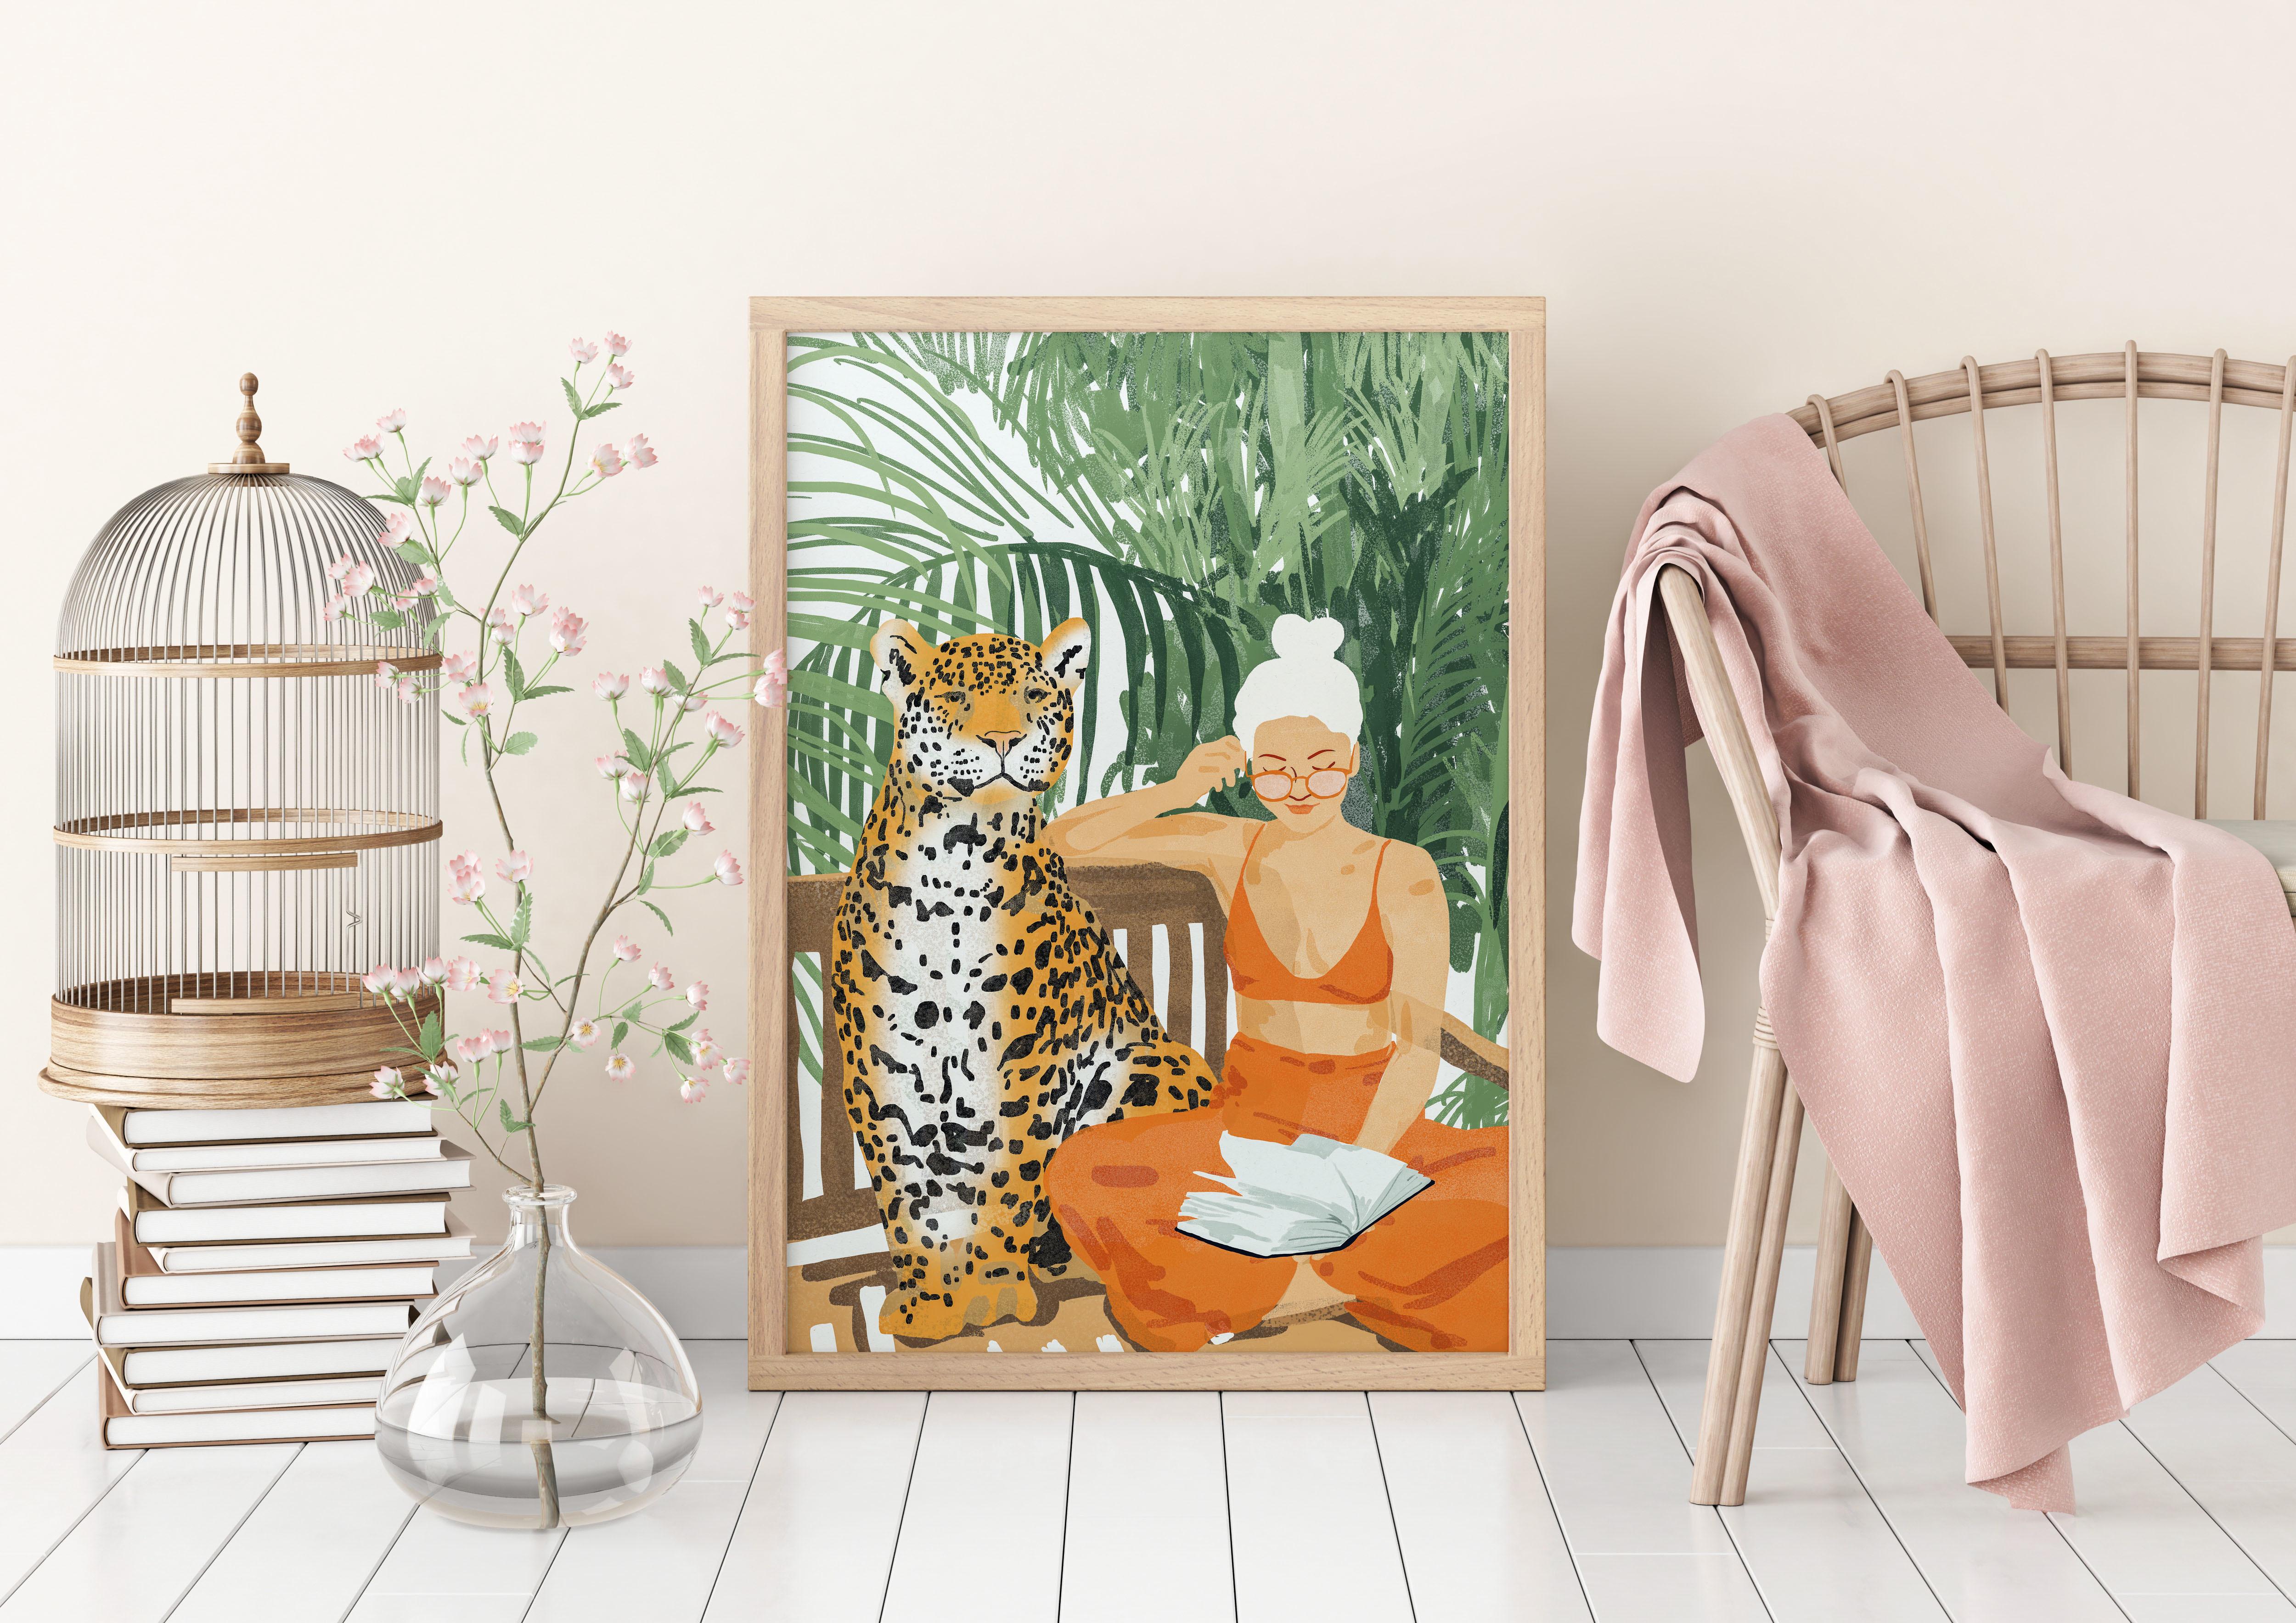 Personalised framed prints on Artwow: Jungle Vacay Ii by designer Uma Prabhakar Gokhale